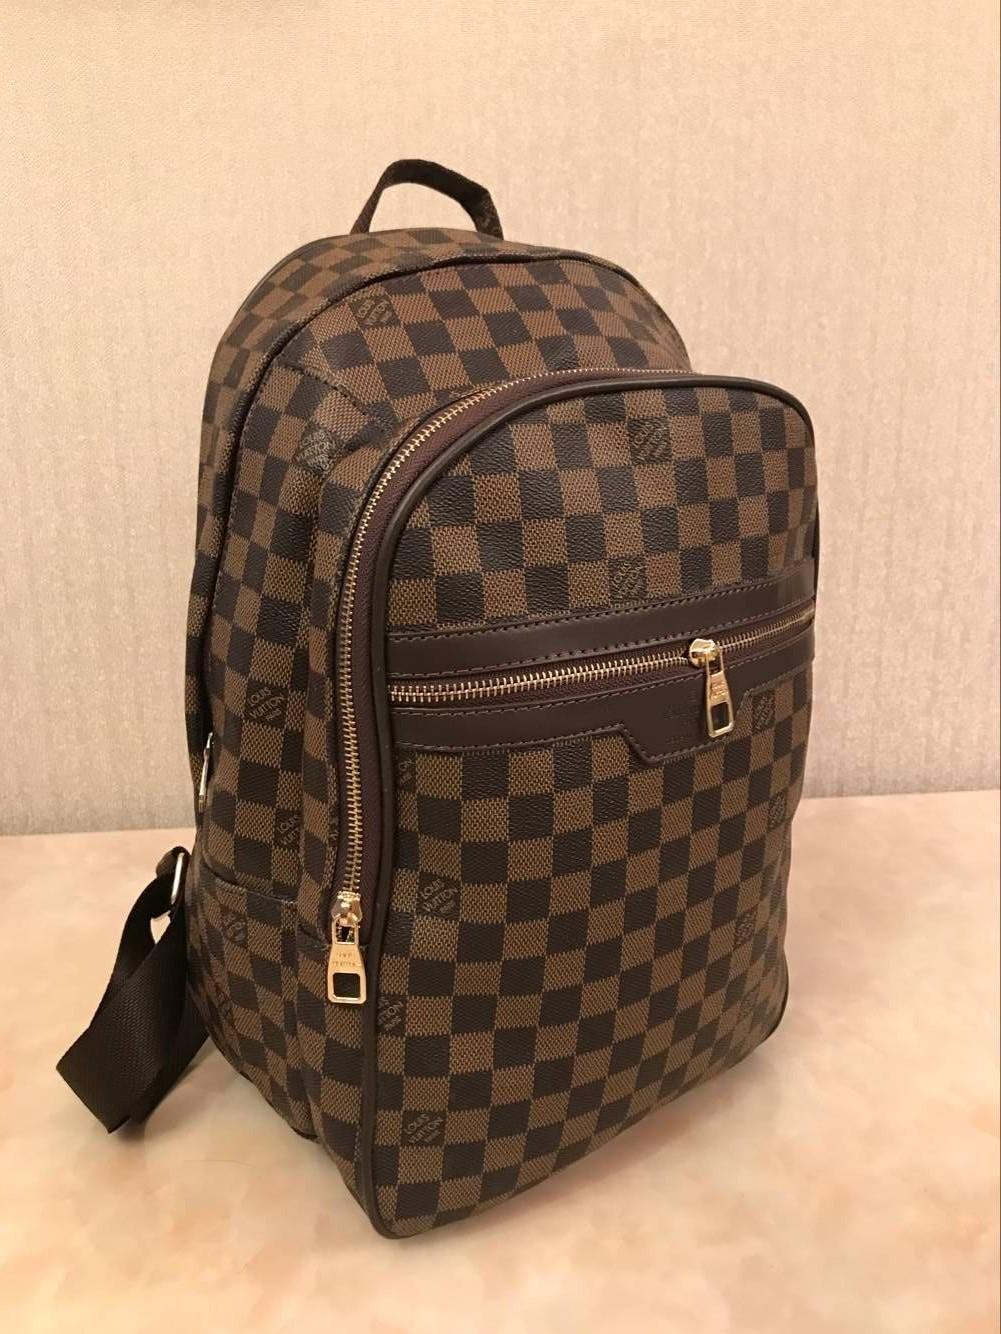 2019 Nouveau sac à main de mode sac en cuir Zipper épaule dames sac à bandoulière @ 68968912